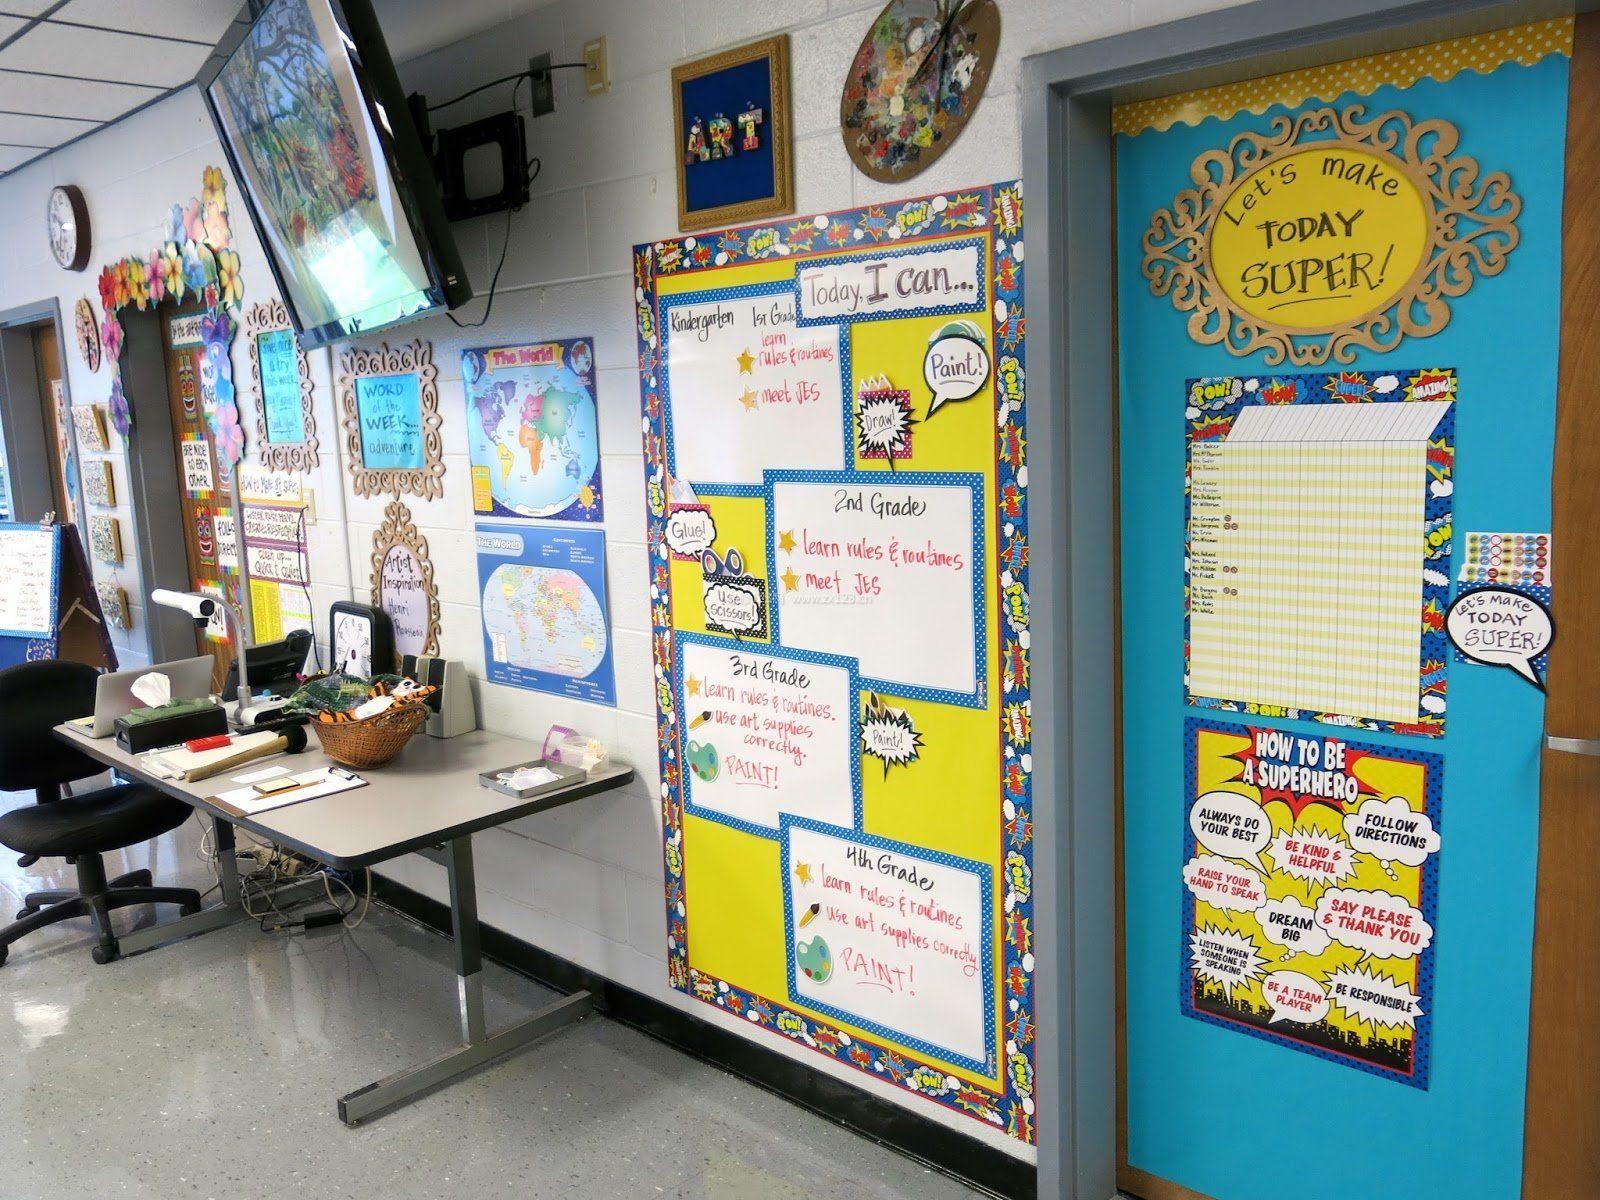 国外幼儿园教室文化墙布置装饰效果图片